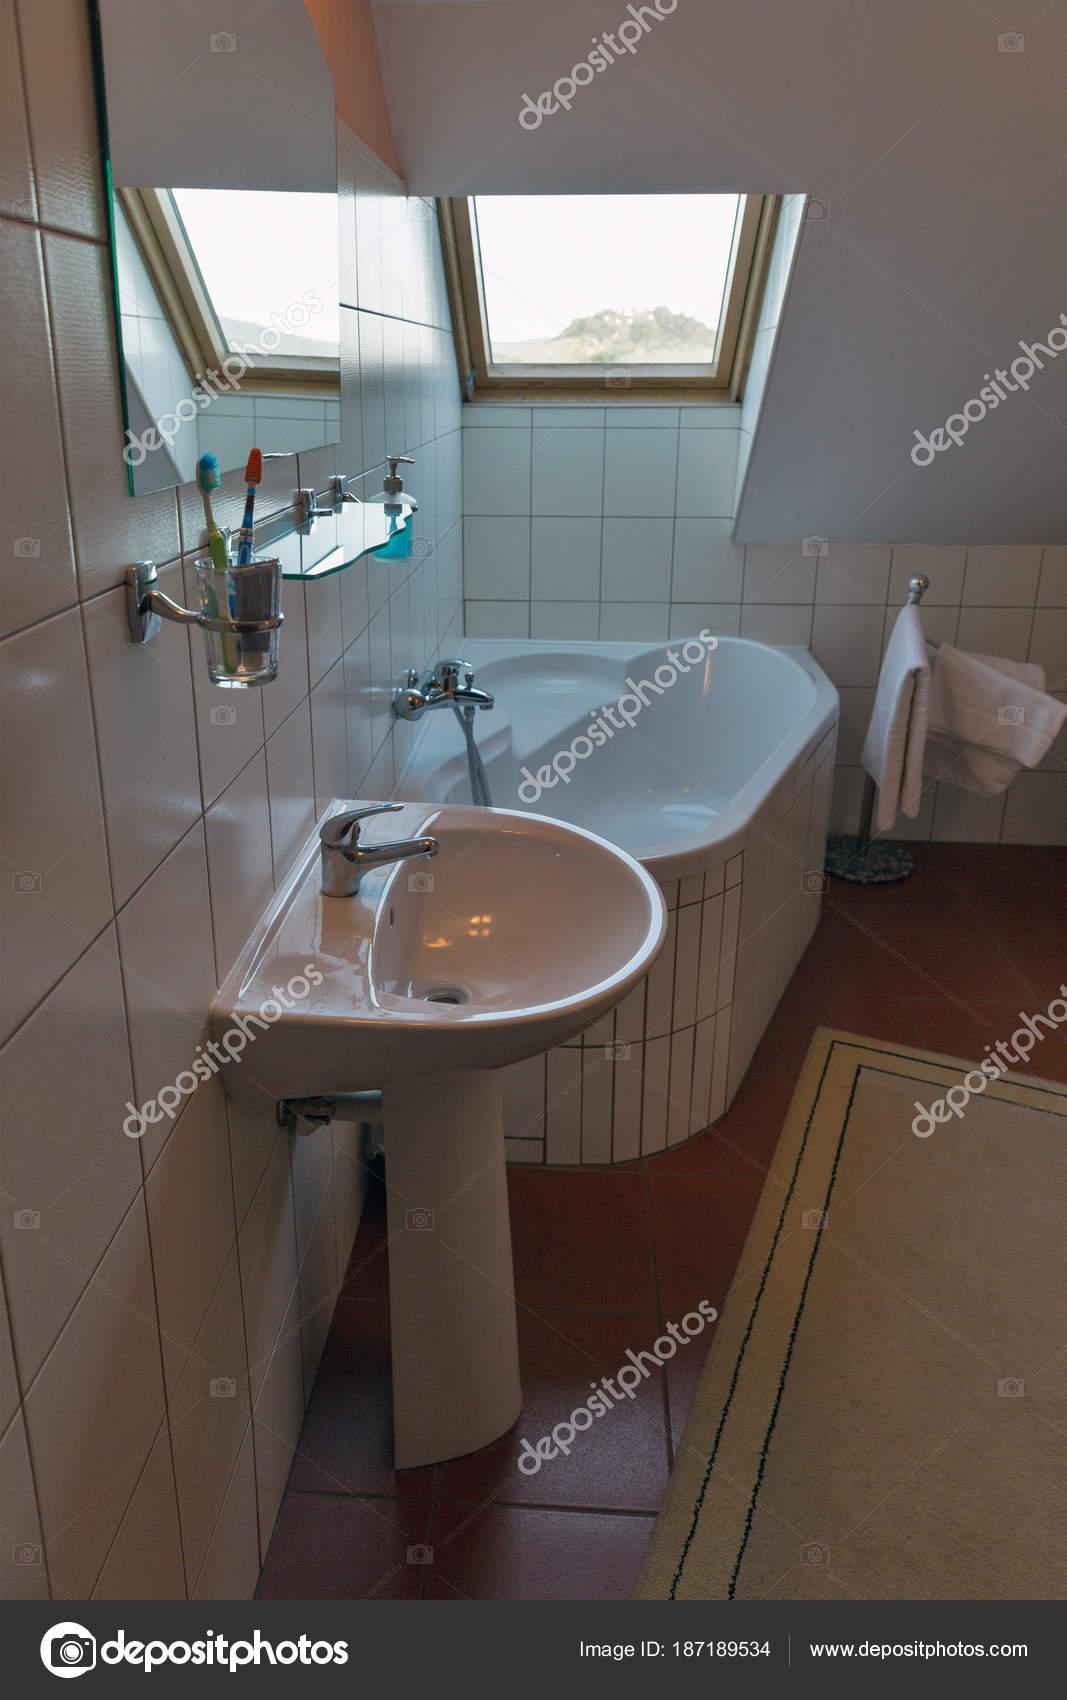 Lavabi Ad Angolo Lavandini Bagno.Bagno Moderno Con Vasca Ad Angolo Lavandino E Finestra Foto Stock